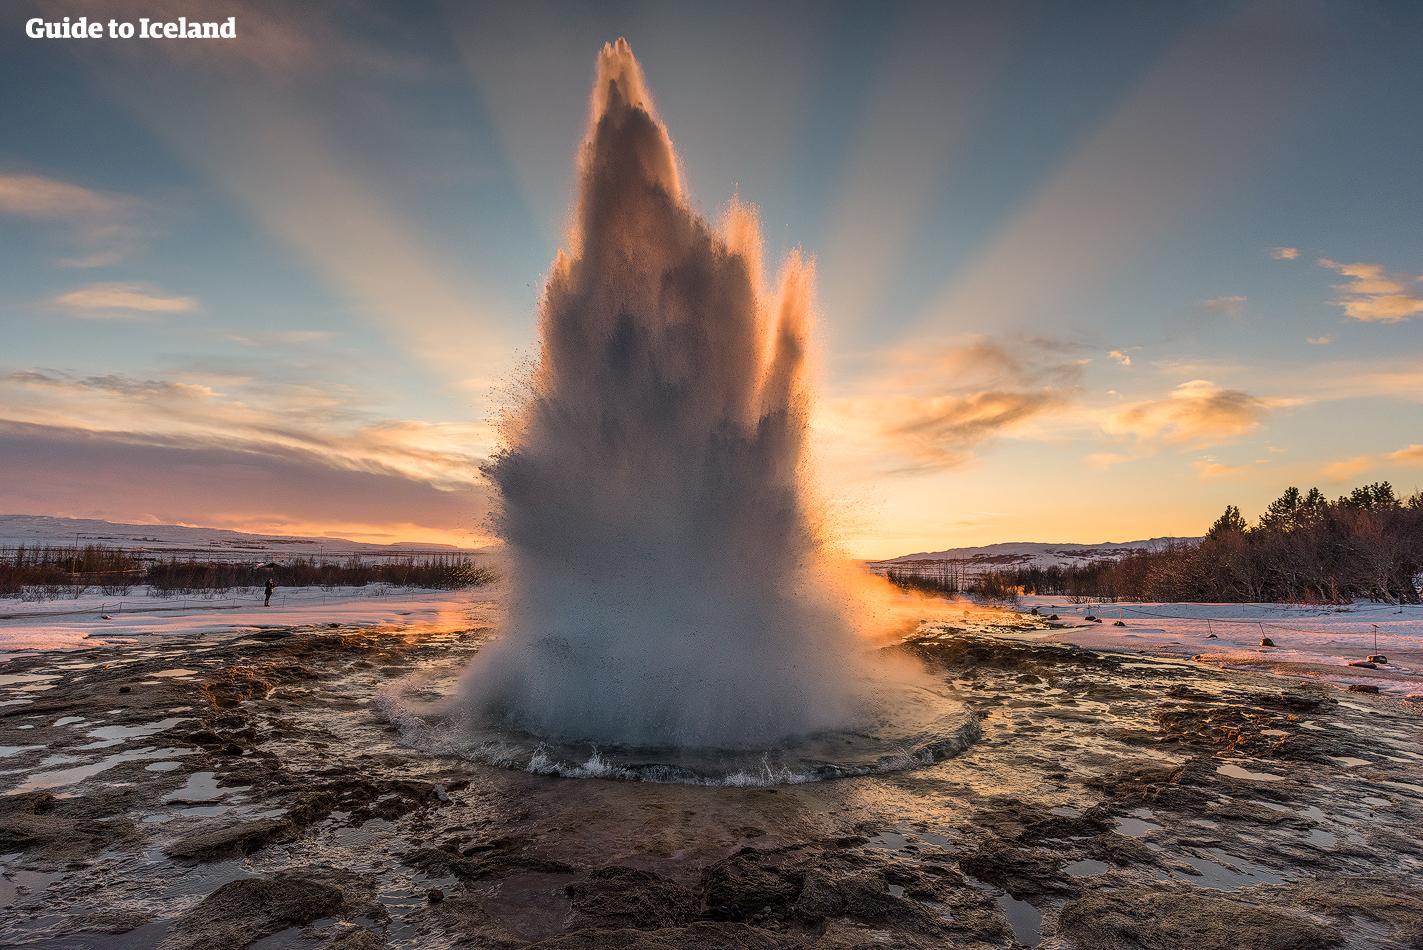 아이슬란드의 날씨 & 여행하기 좋은 시기, 적기는?